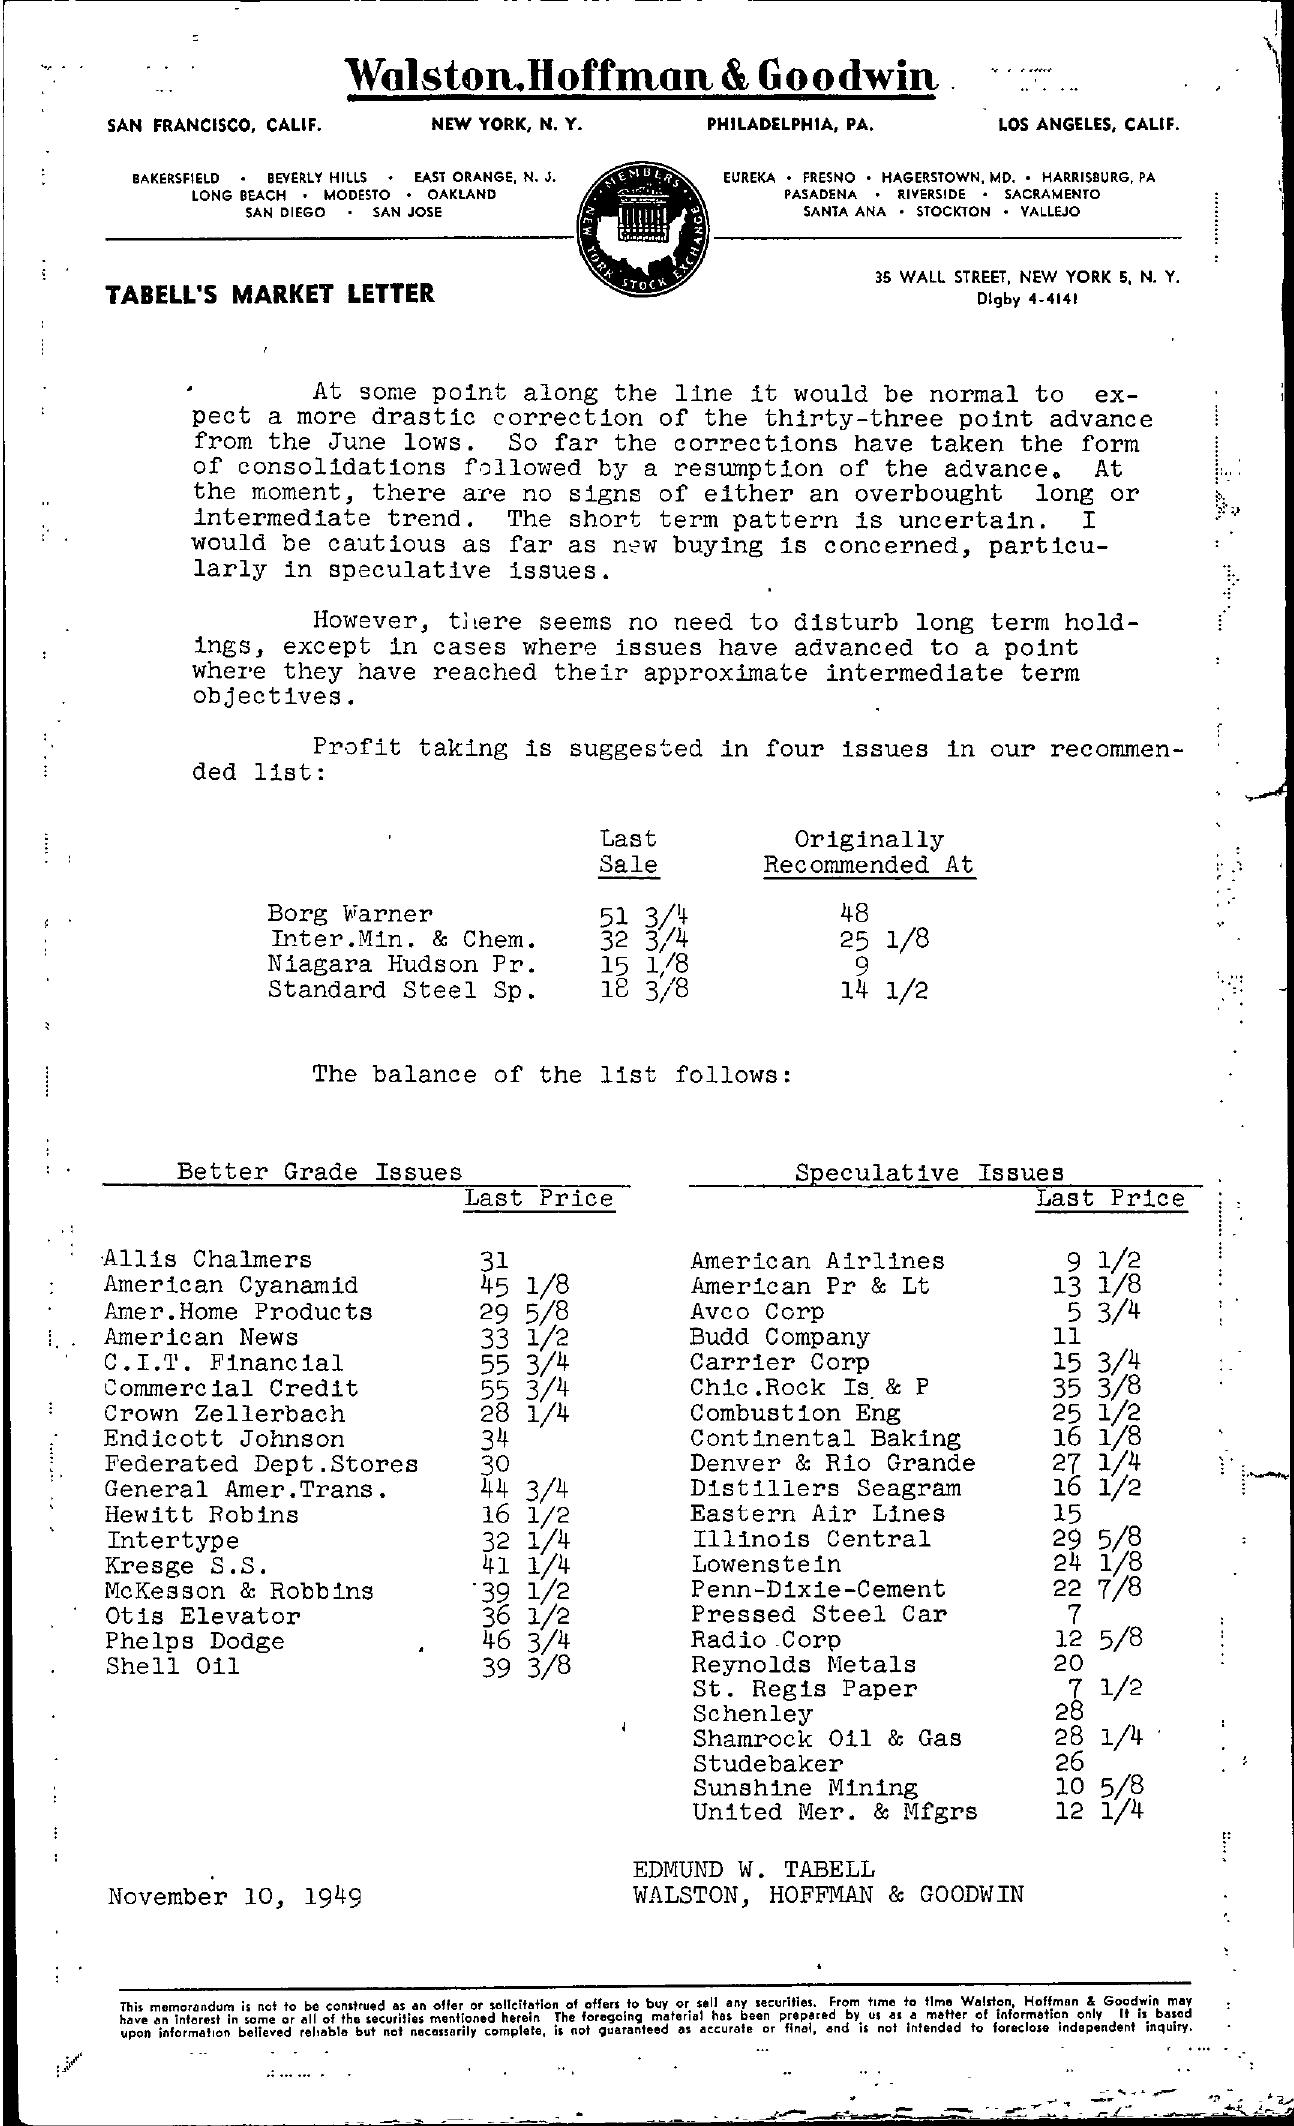 Tabell's Market Letter - November 10, 1949